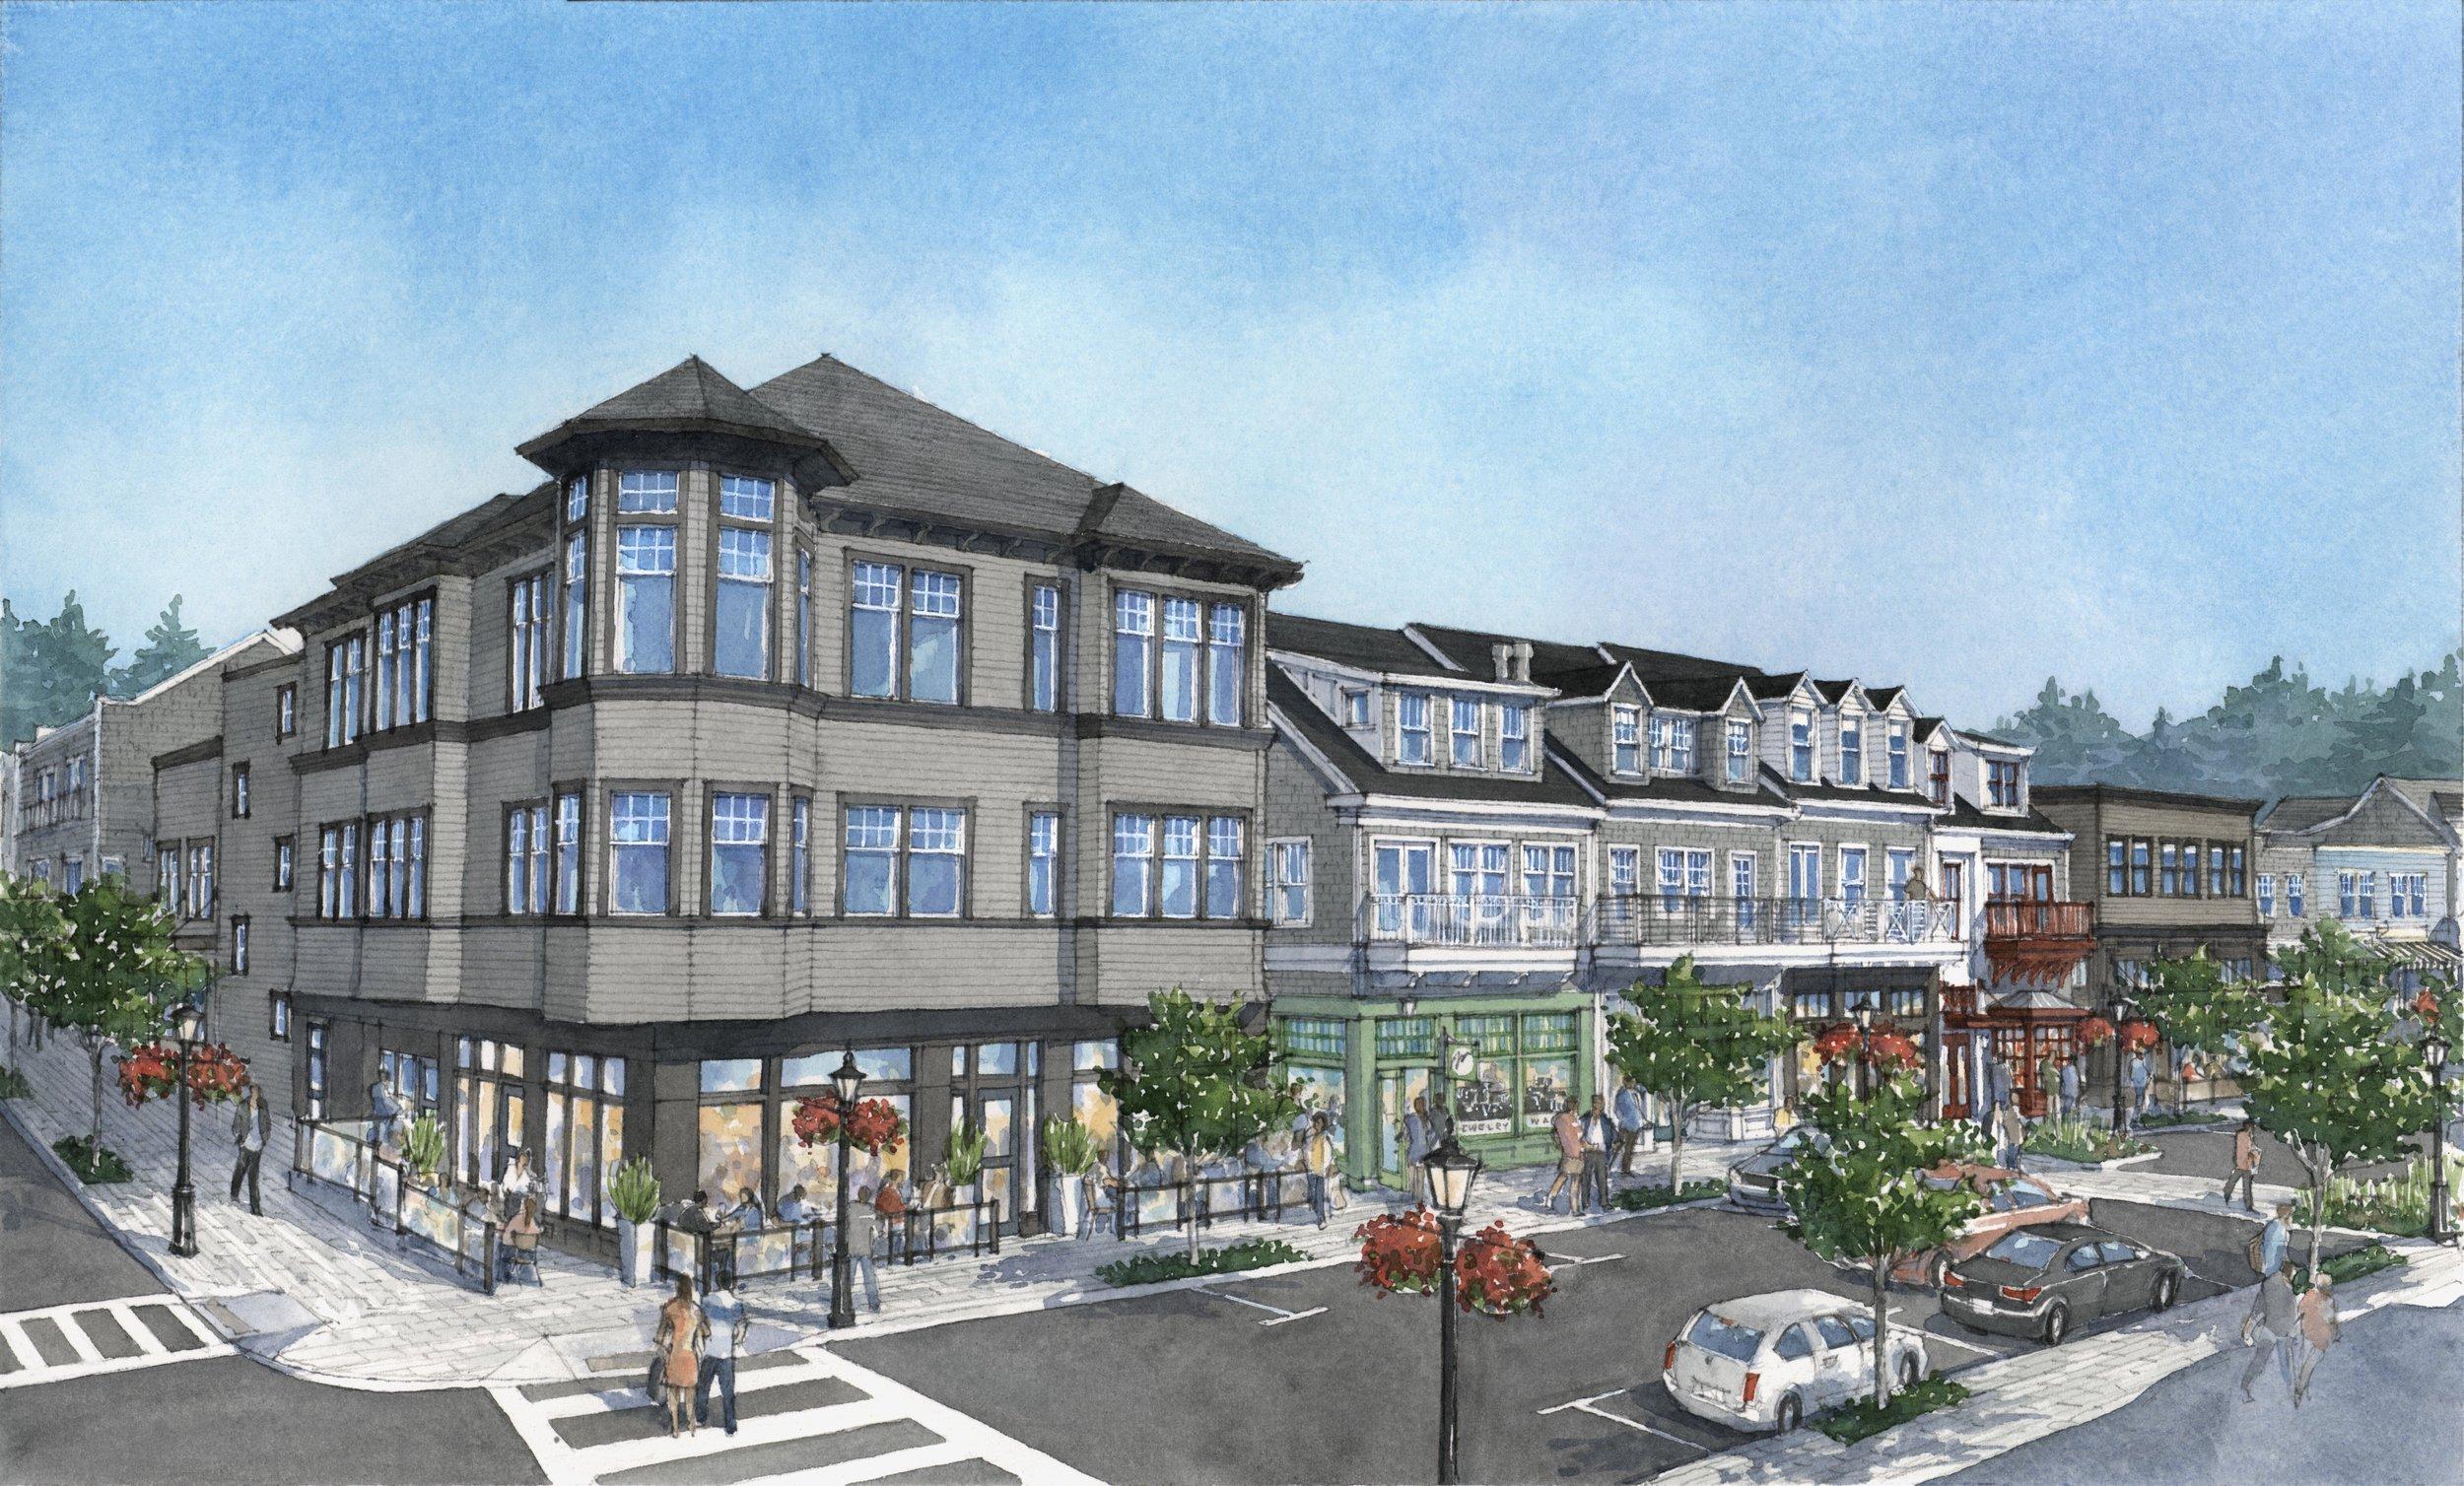 Seabrook-town-center-new-paul-moon-design.jpg